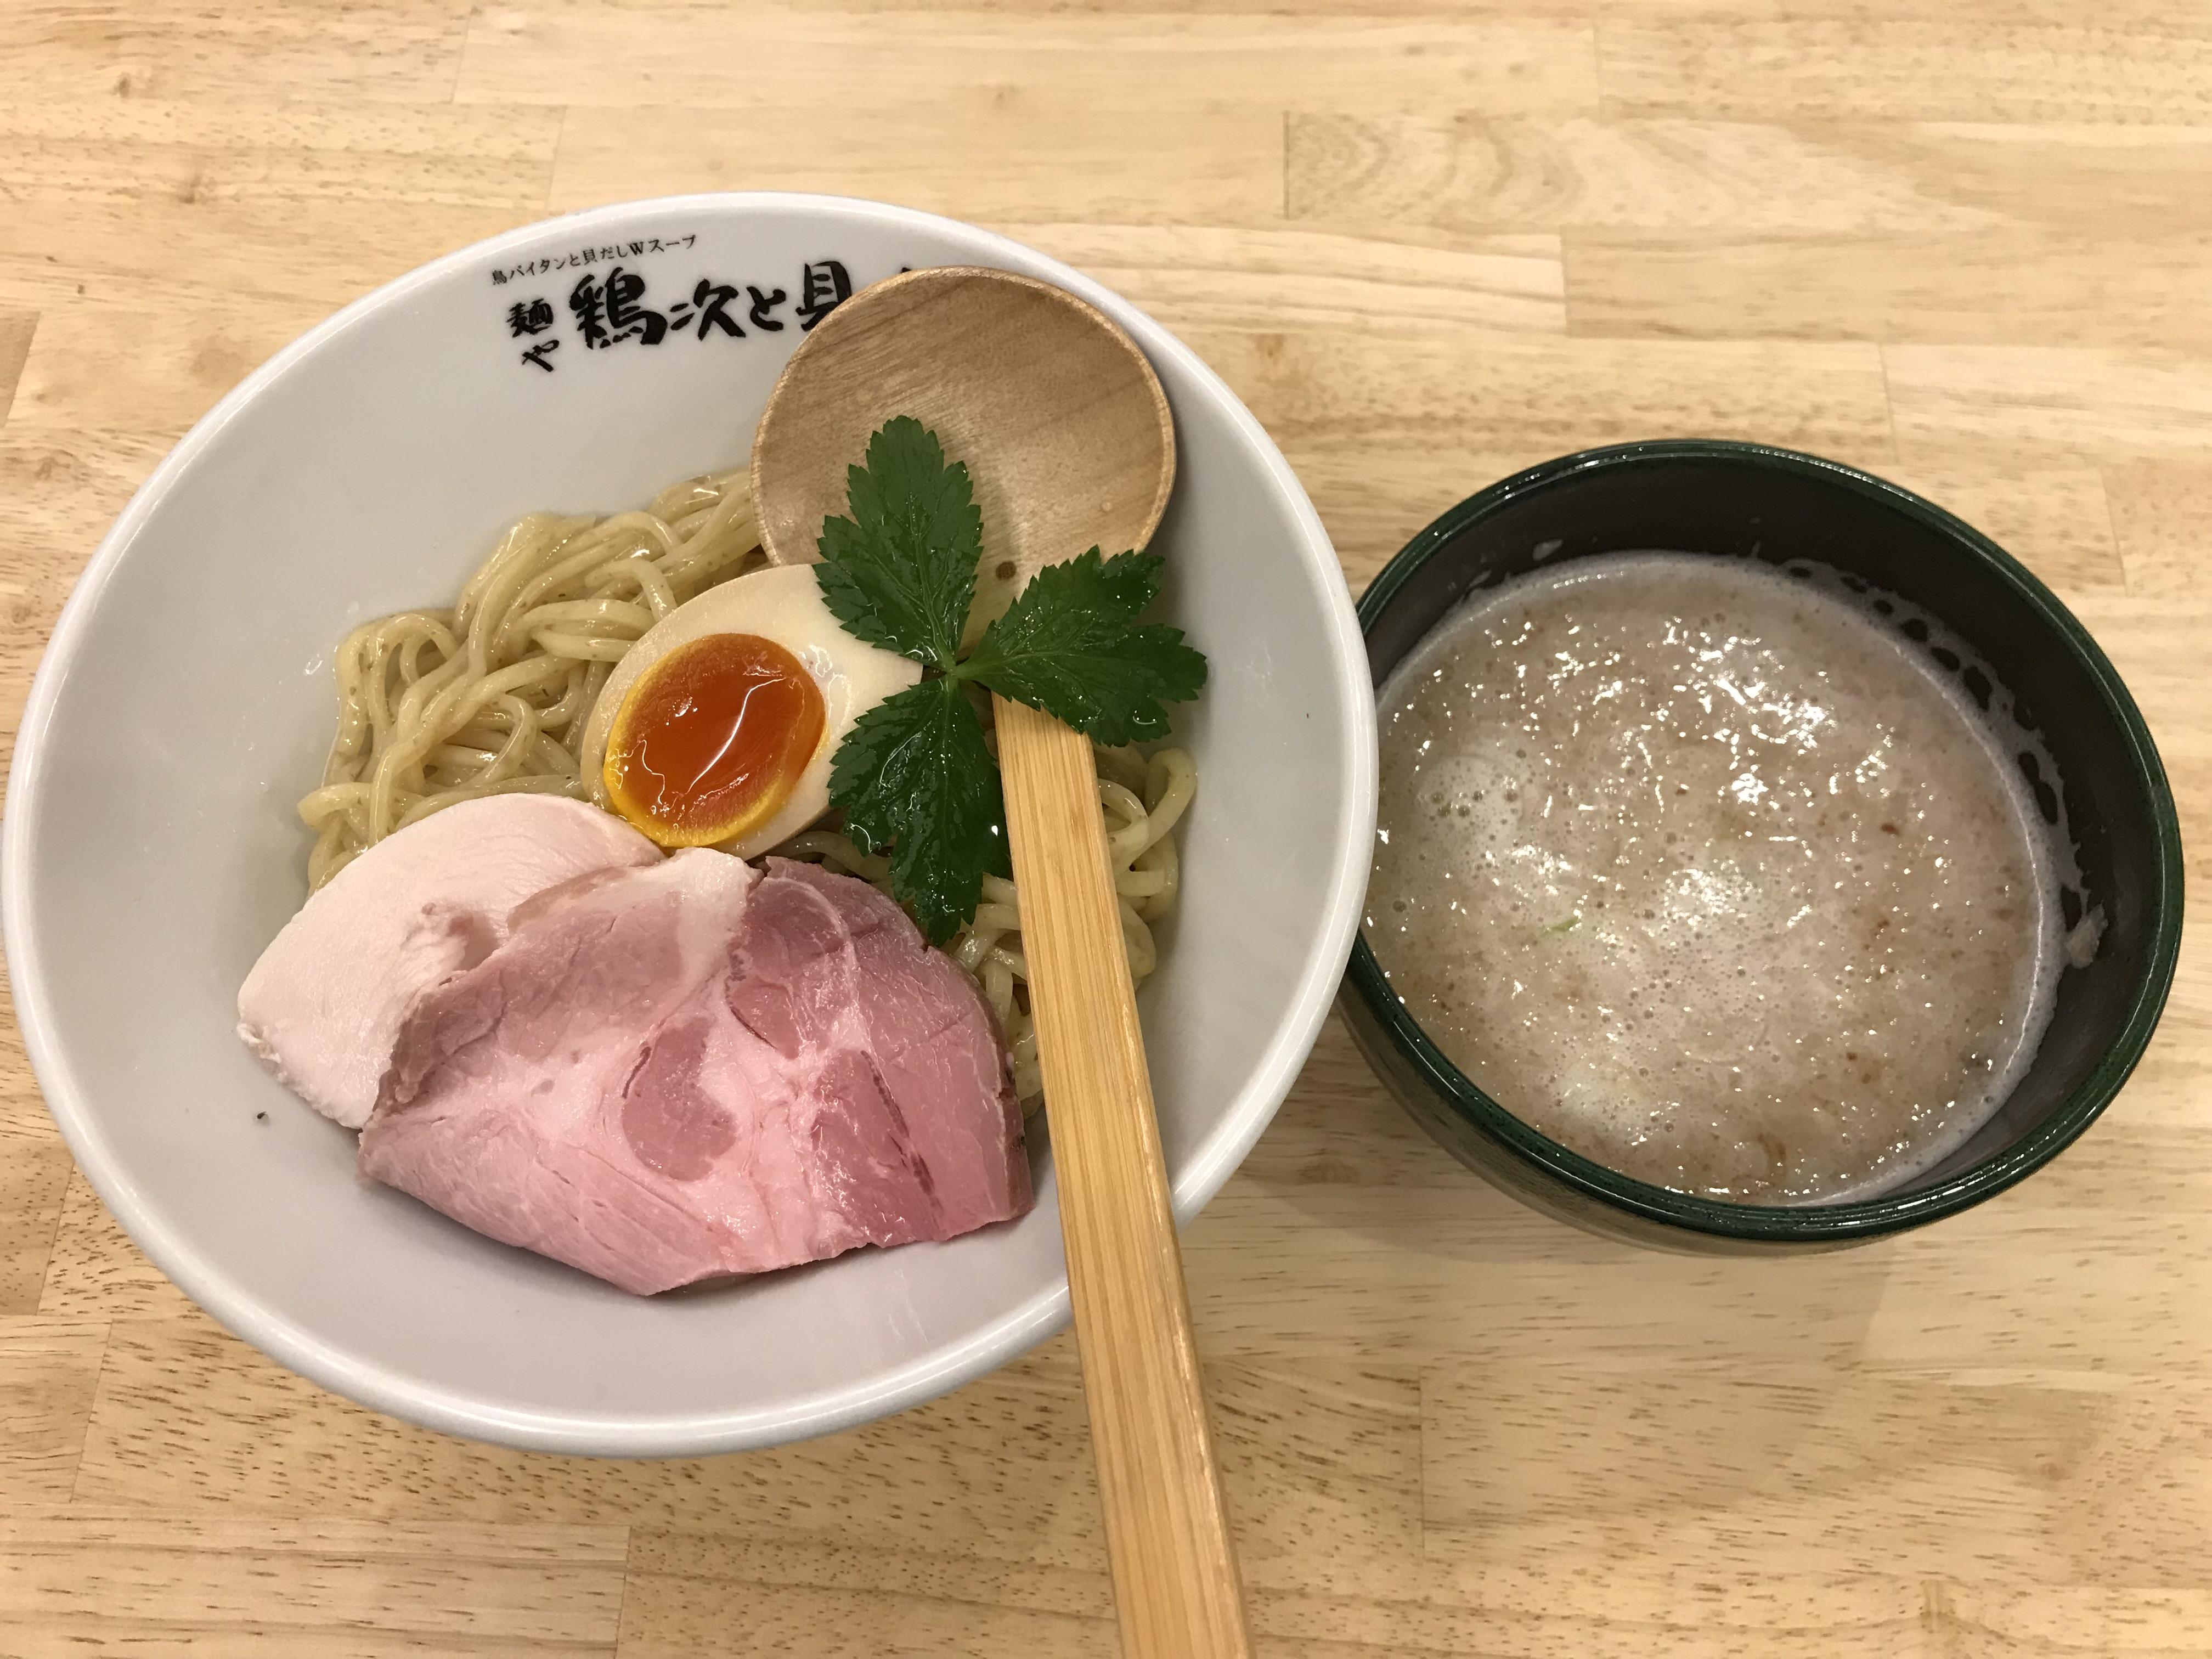 大阪・堺市「麺や 鶏次と貝次」でつけ麺を食べてきた